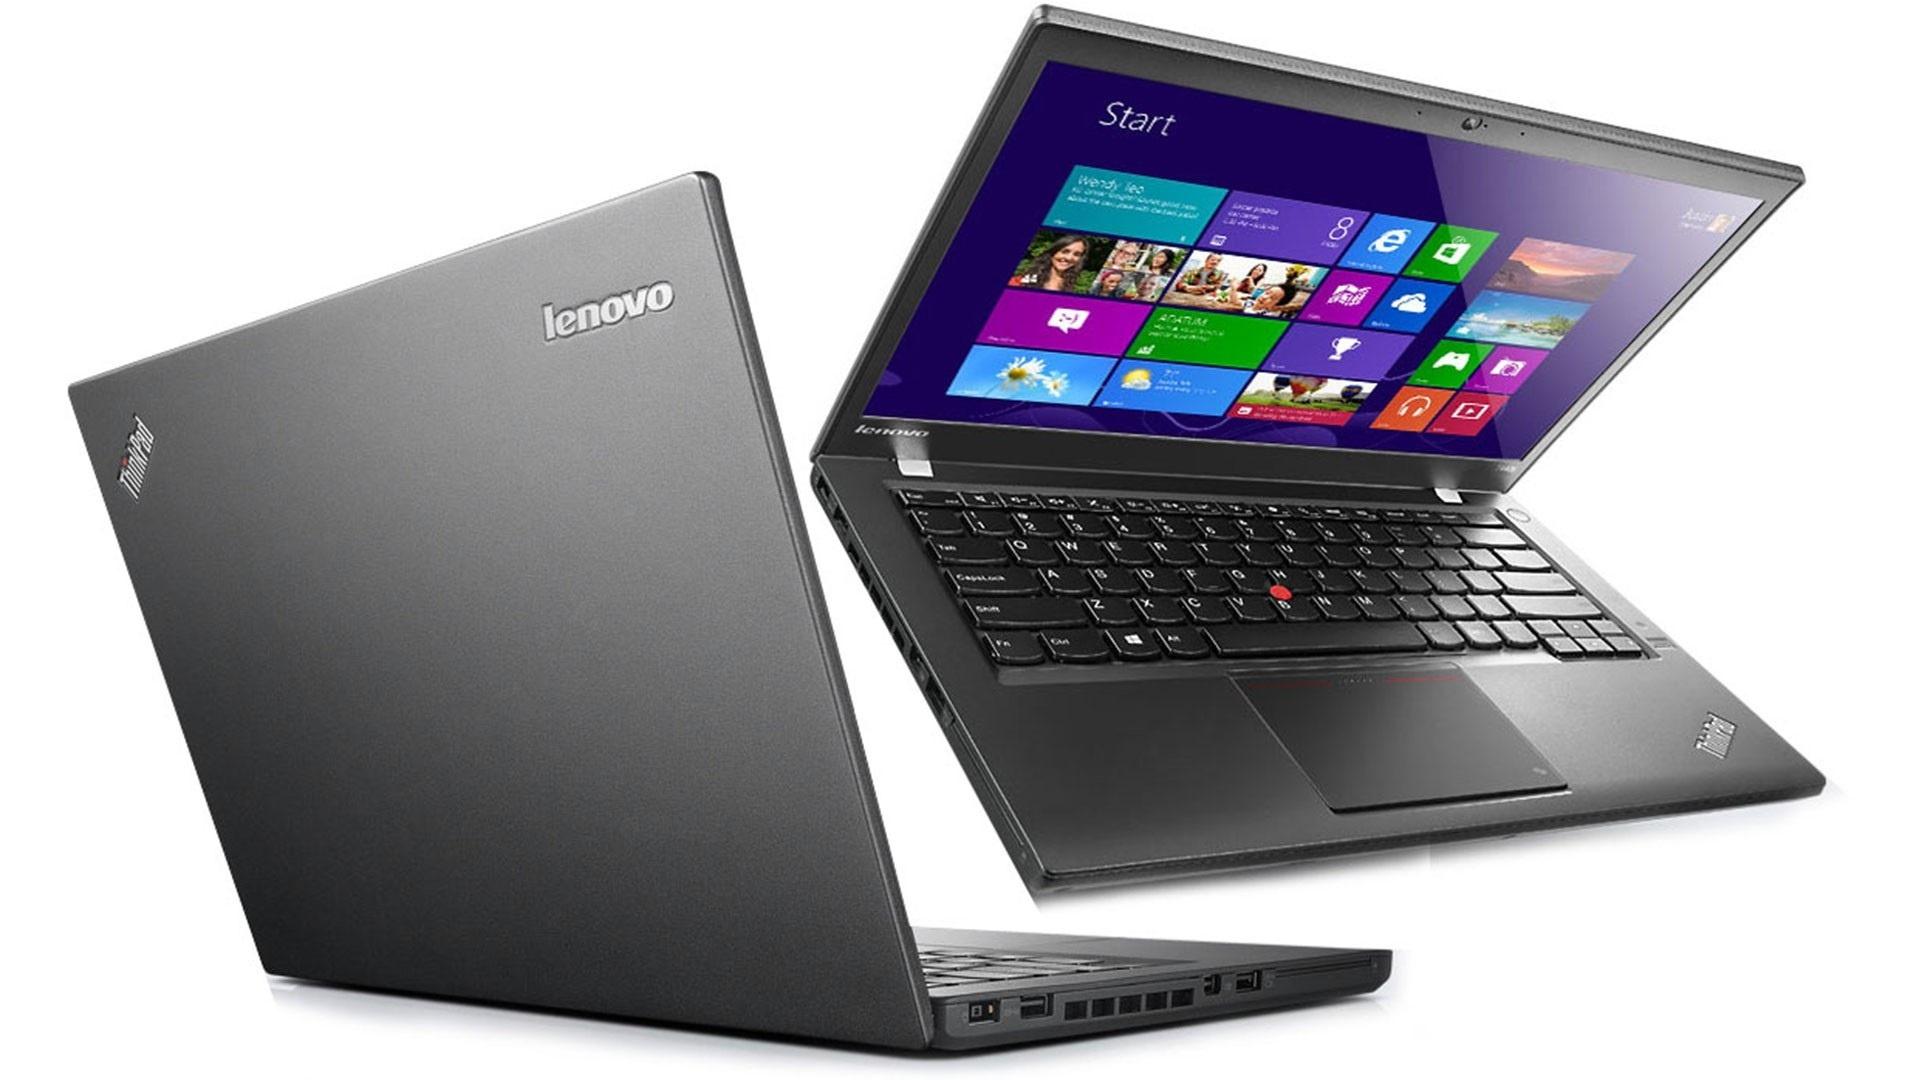 Lenovo Thinkpad T440 touch